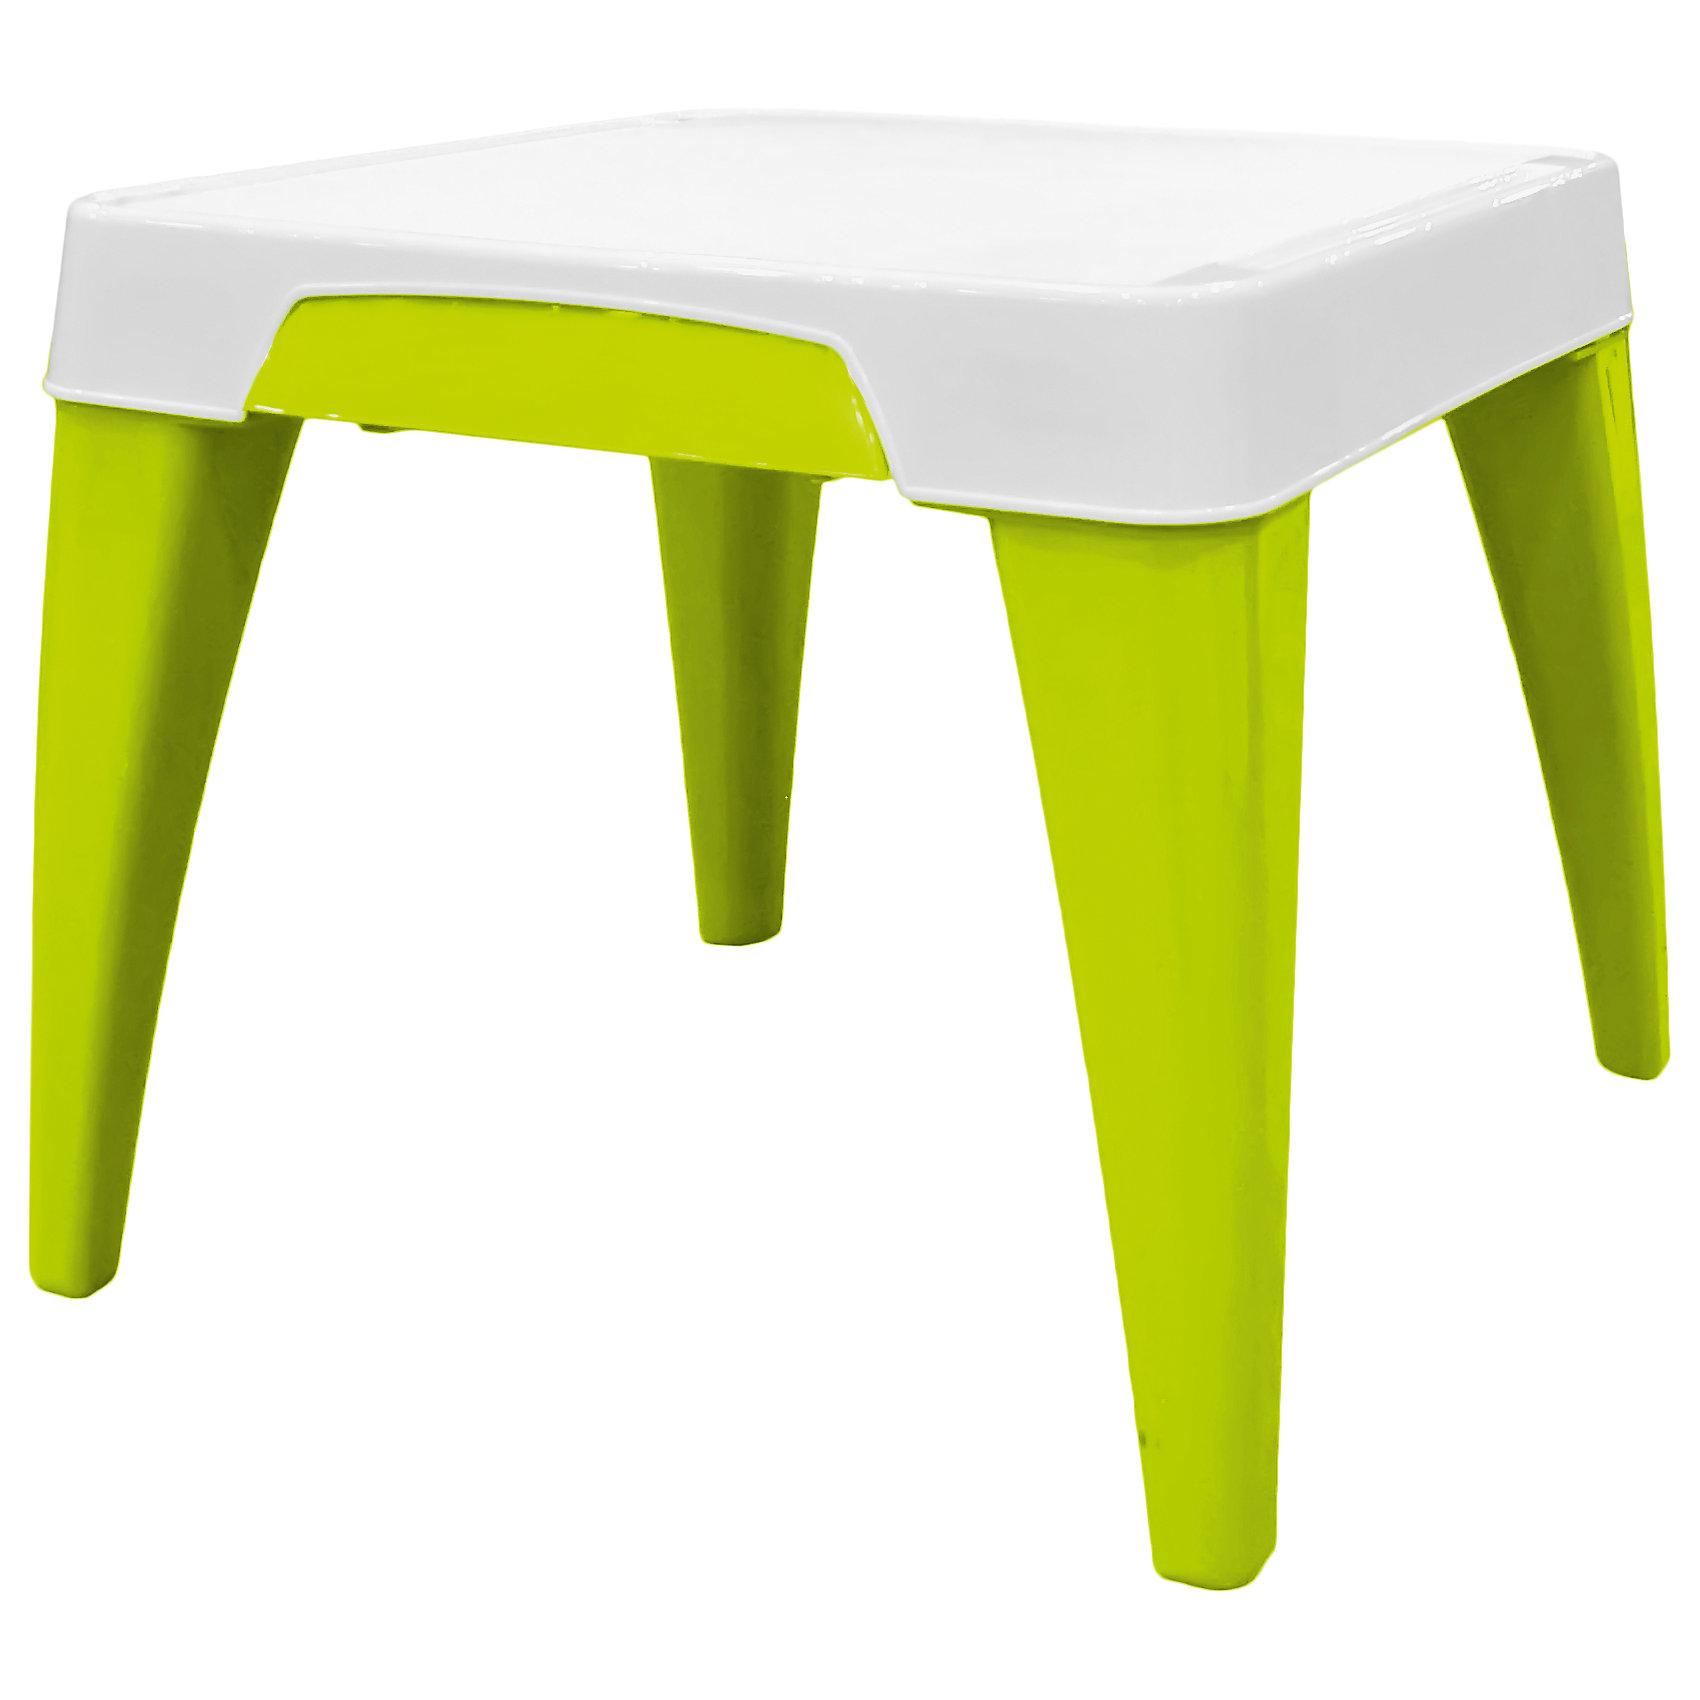 Детский стол Я расту, Little Angel, салатовыйМебель<br>Детский стол Я расту, Little Angel, салатовый ? это детская мебель серии Я расту от отечественного производителя . Детский стол изготовлен из экологически безопасных материалов ? полипропилена и ПВХ ? это сочетание обеспечивает легкость мебели, прочность, устойчивость к физическим и химическим воздействиям. Окраска стола обладает высокой устойчивостью цвета к внешним воздействиям. <br>Детский стол Я расту, Little Angel, салатовый предназначен для детей в возрасте от 2-х лет, подходит для приема пищи, занятий или игр. Является абсолютно безопасным с точки зрения эксплуатации для маленьких детей: у столешницы закругленные углы, ножки стола имеют округлую форму. Сбоку столешницы имеется выдвижной ящик, в котором удобно будет хранить карандаши, фломастеры и краски. На столешнице имеются углубления, что защищает от падения на пол канцелярских принадлежностей, а также не позволяет пролившейся воде из стаканчика стечь на пол или ковер. На ножках стола имеются прорезиненные накладки, которые обеспечивают хорошее сцепление практически с любой поверхностью. <br>Детский стол Я расту, Little Angel, салатовый ? идеальное решение для оформления детского уголка не только дома, но и на даче.<br><br>Дополнительная информация:<br><br>- Предназначение: для дома, для детских садов, для детских развивающих центров<br>- Цвет: розовый<br>- Пол: для девочки/для мальчика<br>- Материал: полипропилен, ПВХ<br>- Размер (Д*Ш*В): 57*57*50 см<br>- Вес: 3 кг 588 г<br>- Особенности ухода: разрешается мыть теплой мыльной водой<br><br>Подробнее:<br><br>• Для детей в возрасте: от 2 лет и до 6 лет<br>• Страна производитель: Россия<br>• Торговый бренд: Little Angel<br><br>Детский стол Я расту, Little Angel, салатовый можно купить в нашем интернет-магазине.<br><br>Ширина мм: 570<br>Глубина мм: 570<br>Высота мм: 150<br>Вес г: 3588<br>Возраст от месяцев: 24<br>Возраст до месяцев: 72<br>Пол: Унисекс<br>Возраст: Детский<br>SKU: 4881748